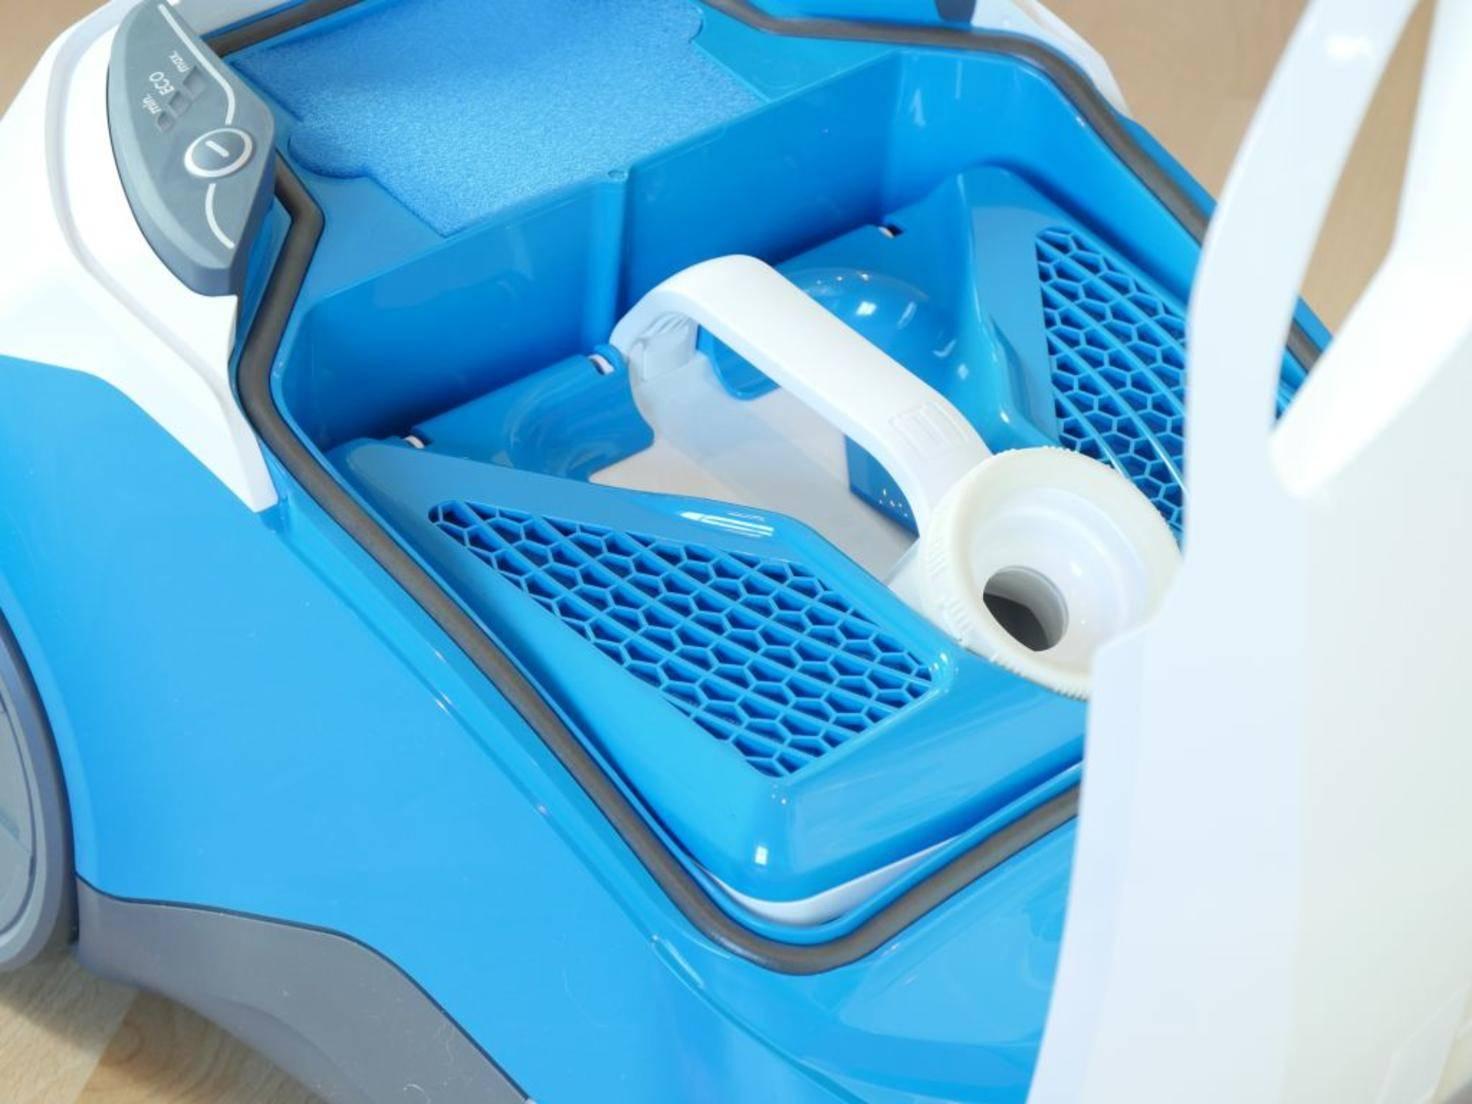 Der Thomas Perfect Air ist ein beutelloser Bodenstaubsauger mit Aqua-Filter.